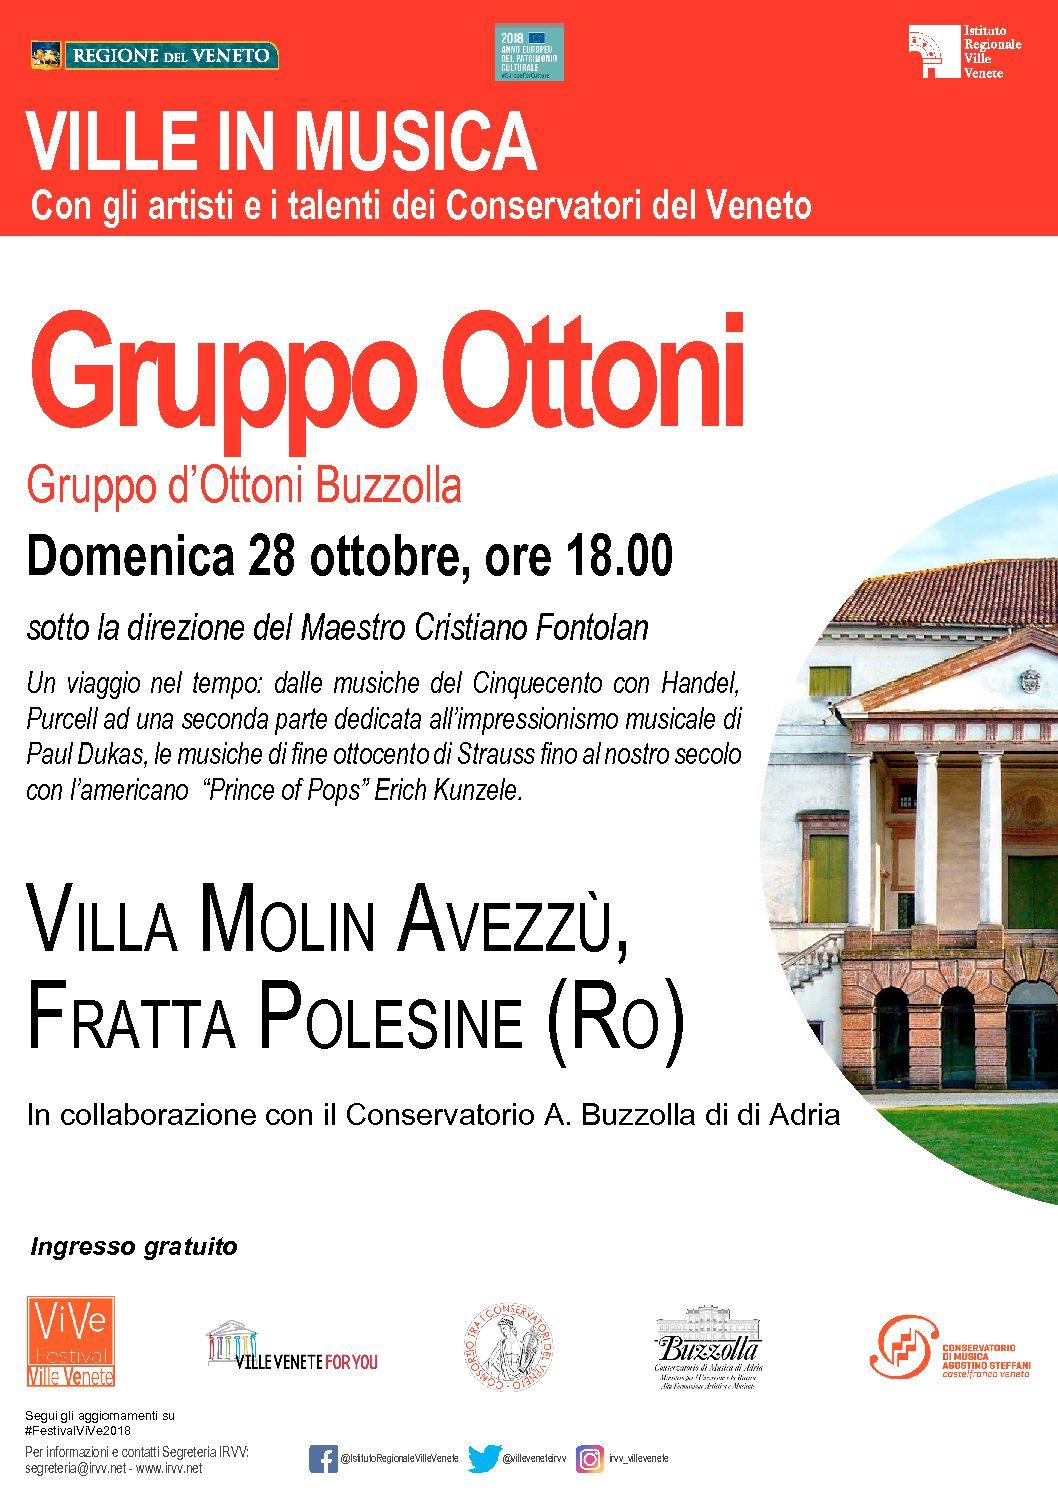 28 ottobre 2018 ore 18.00 – Ville Venete in musica – Gruppo d'Ottoni Buzzolla